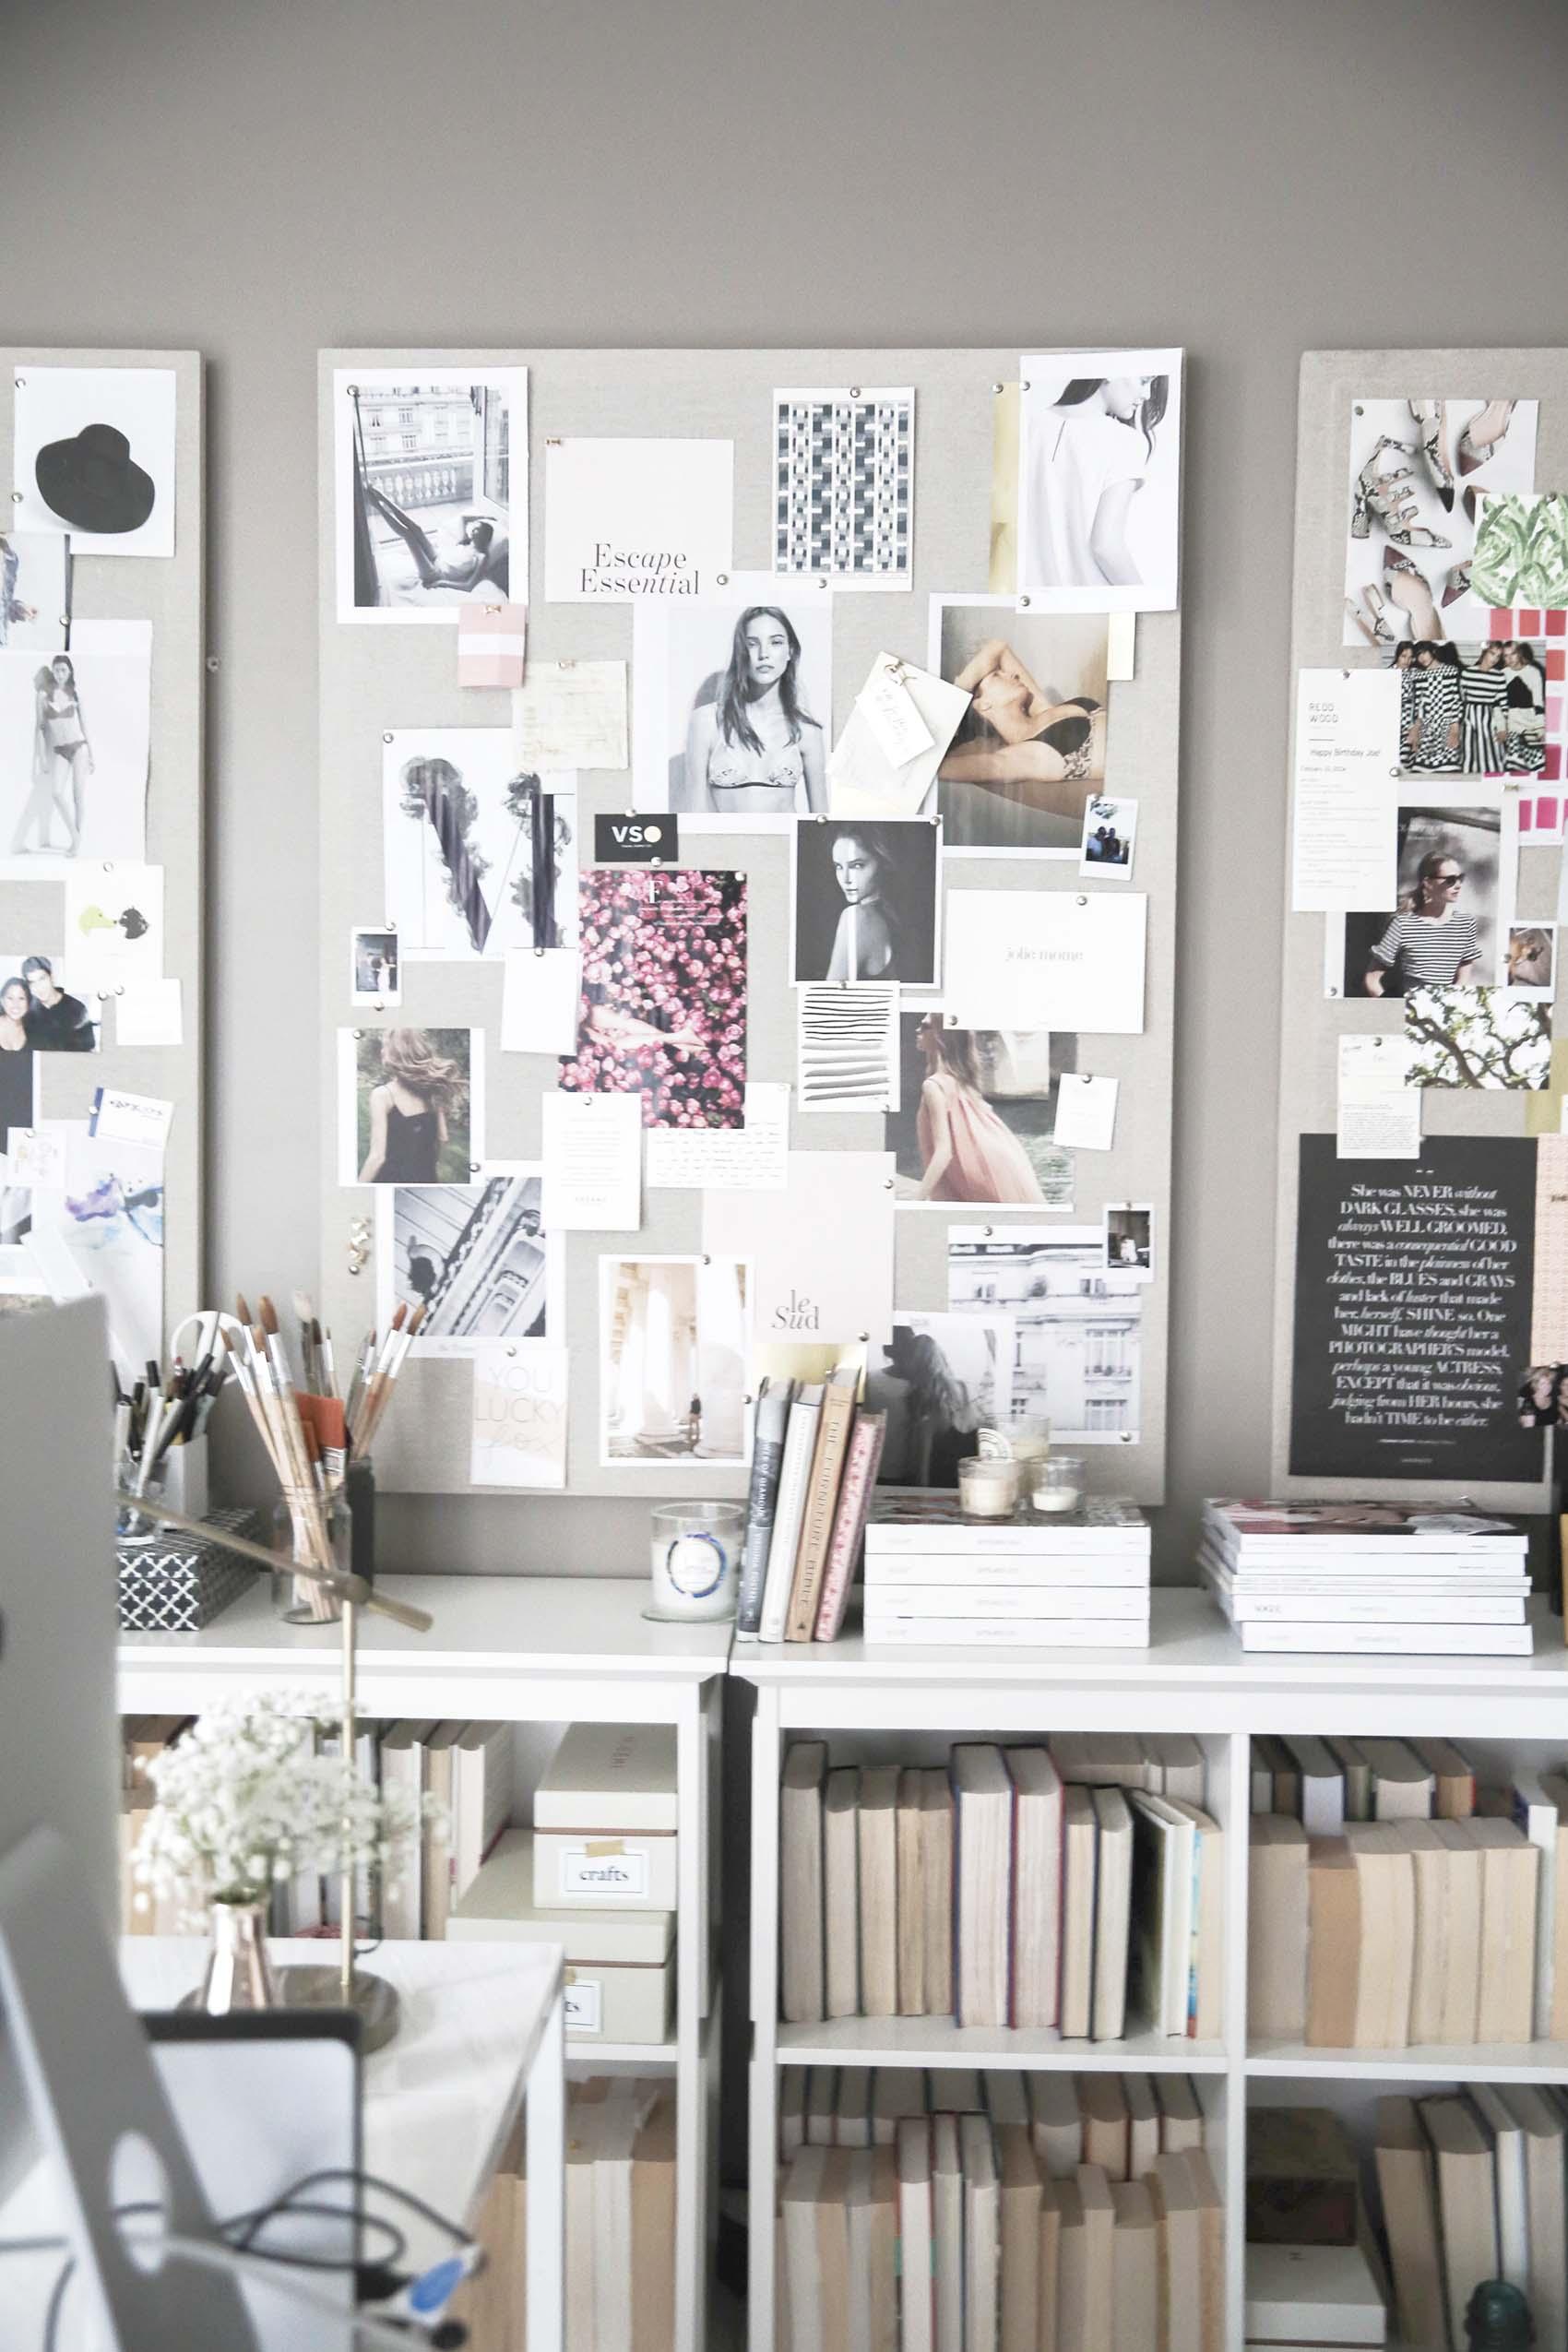 inspiration-boards-via-victoriamstudio